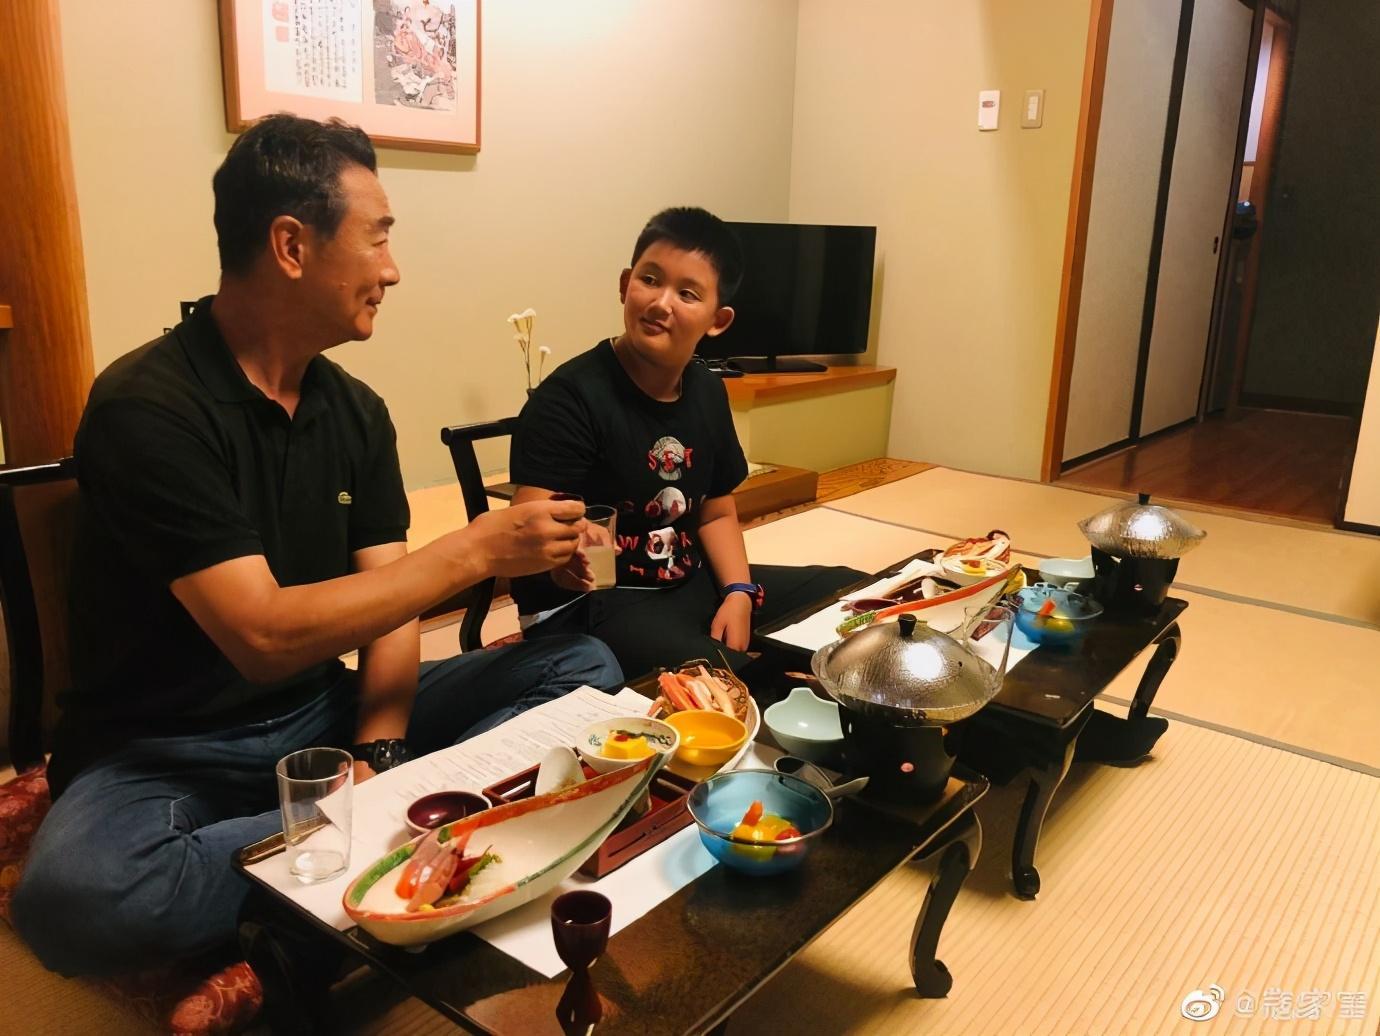 65歲寇振海太敬業, 陽光下暴曬拍戲, 今11歲兒子成老戲骨和世界季軍-圖11